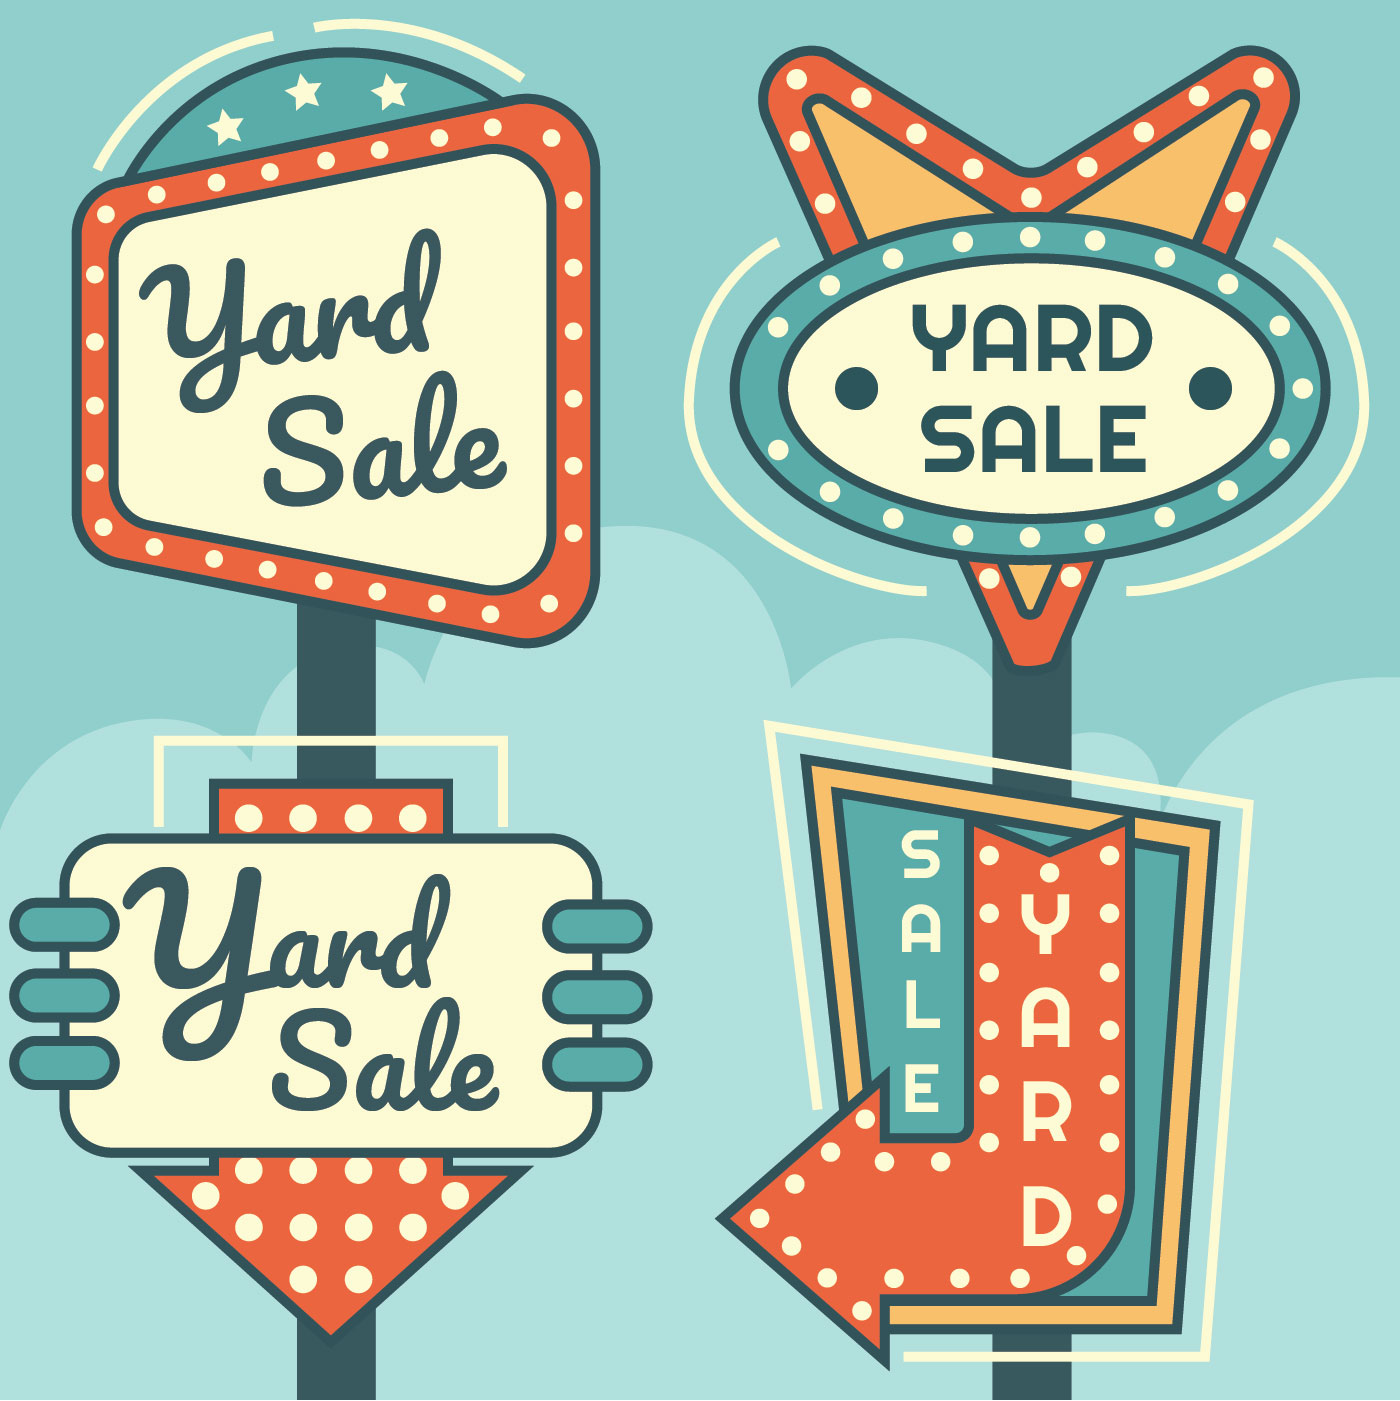 Yard-Verkaufs-Zeichen-Vektor-Satz - Kostenlose Vektor-Kunst, Archiv ...